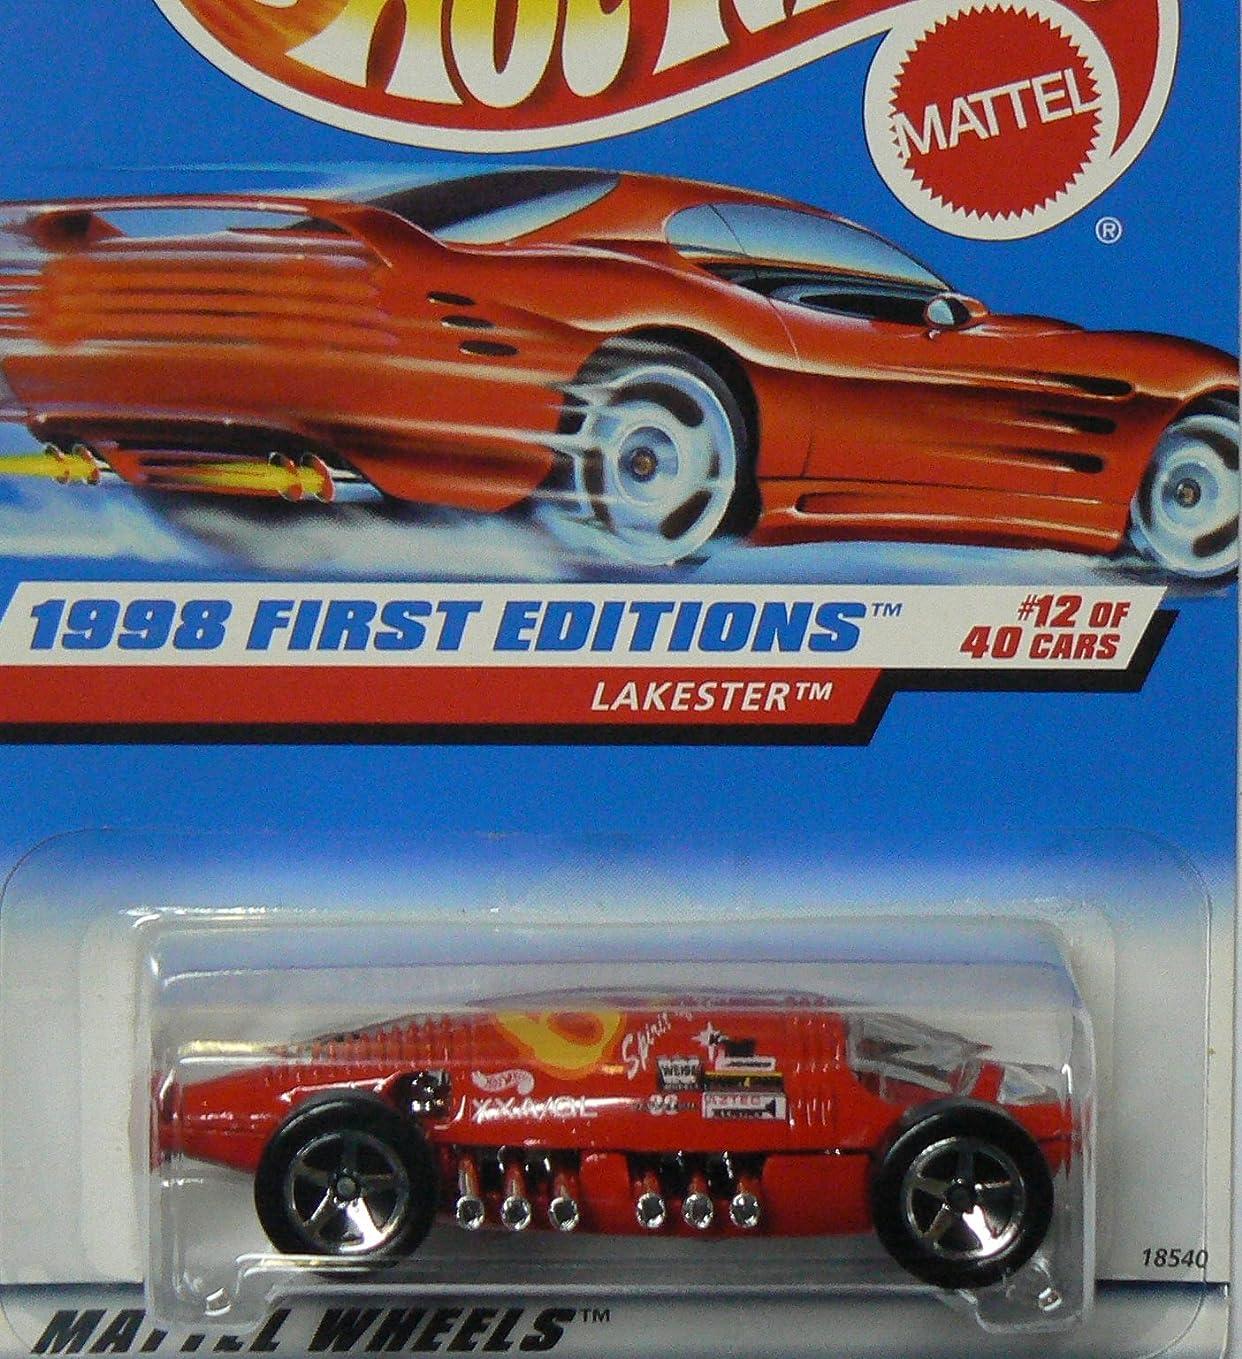 朝百万どうやってHOT WHEELS Lakester 647 1998 First Editions ON RED CARD